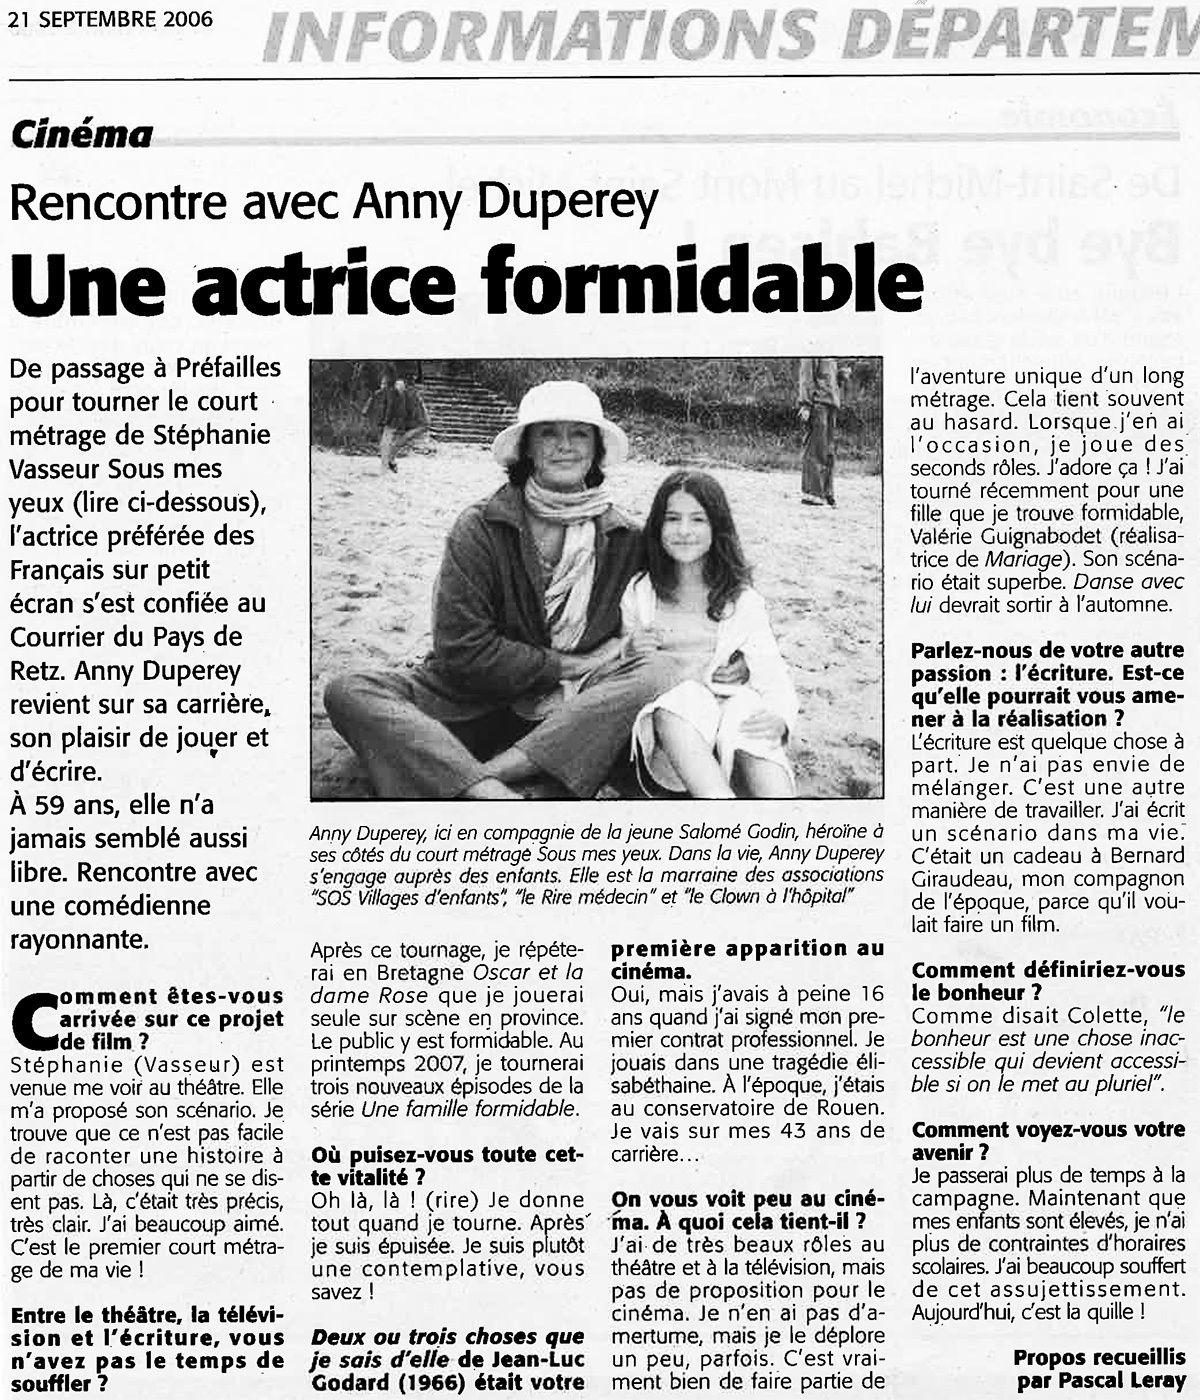 """Chronique de Michel Bordat. Court-métrage """"Sous mes yeux"""" : J'ai passé une heure merveilleuse avec Anny Duperey"""